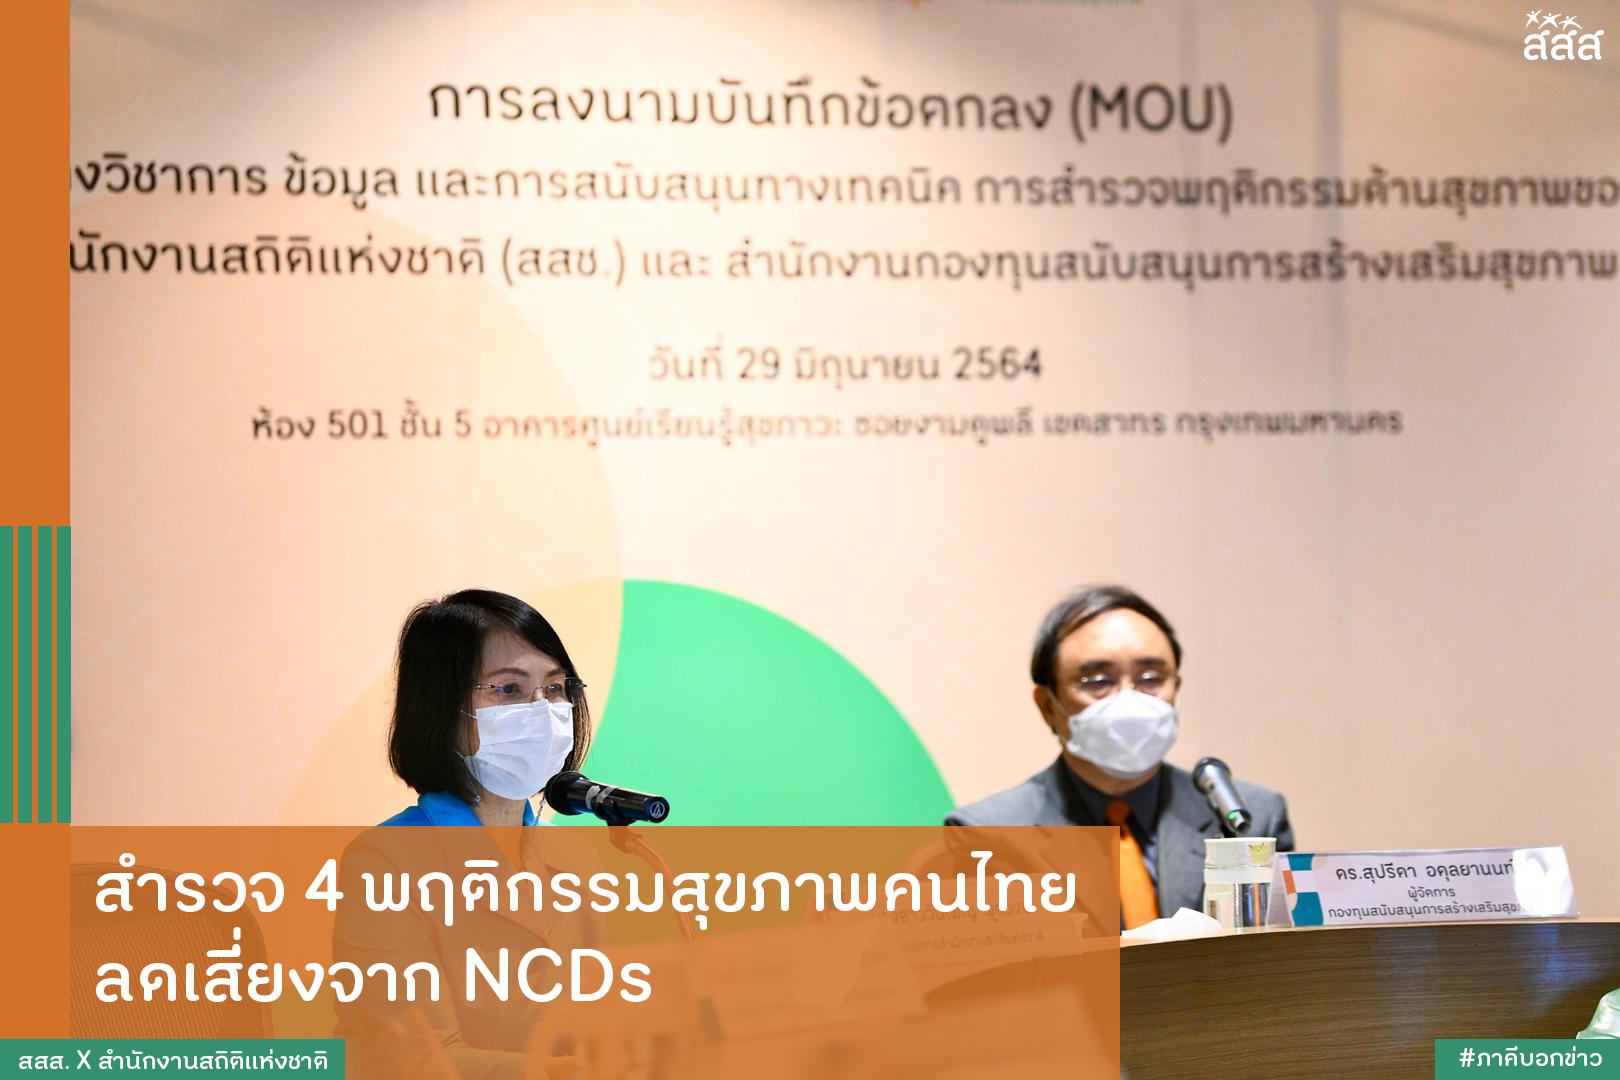 สำรวจ 4 พฤติกรรมสุขภาพคนไทย ลดเสี่ยงจาก NCDs thaihealth